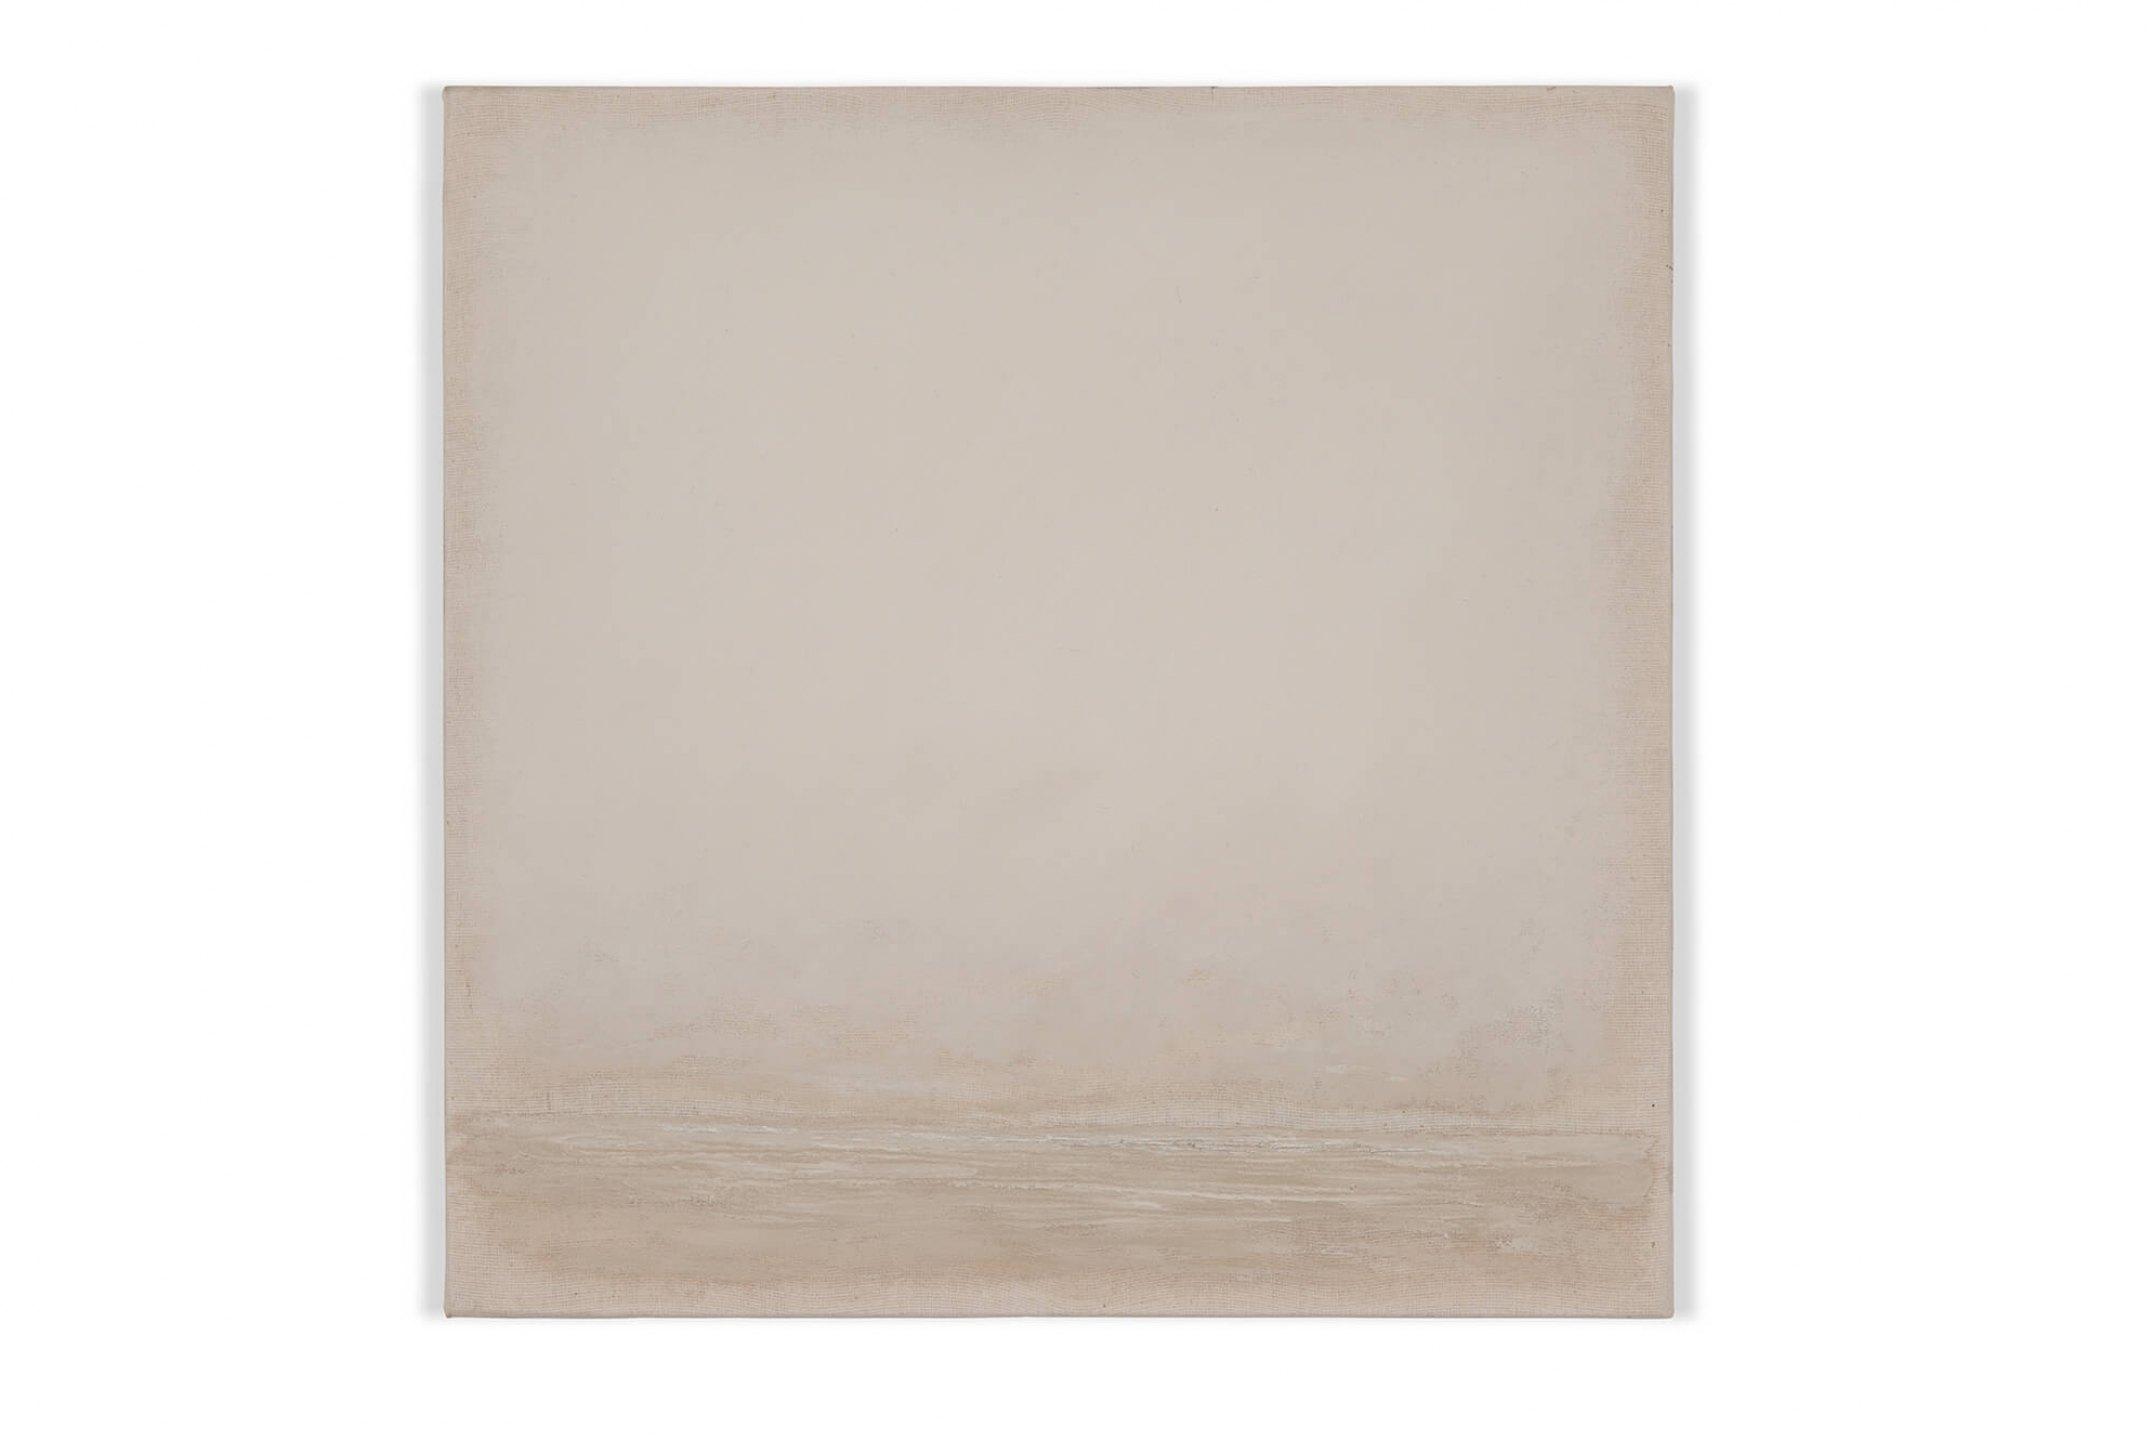 Lucas Arruda,&nbsp;<em>untitled</em>,&nbsp;2014, oil on canvas, 30 × 30 cm - Mendes Wood DM